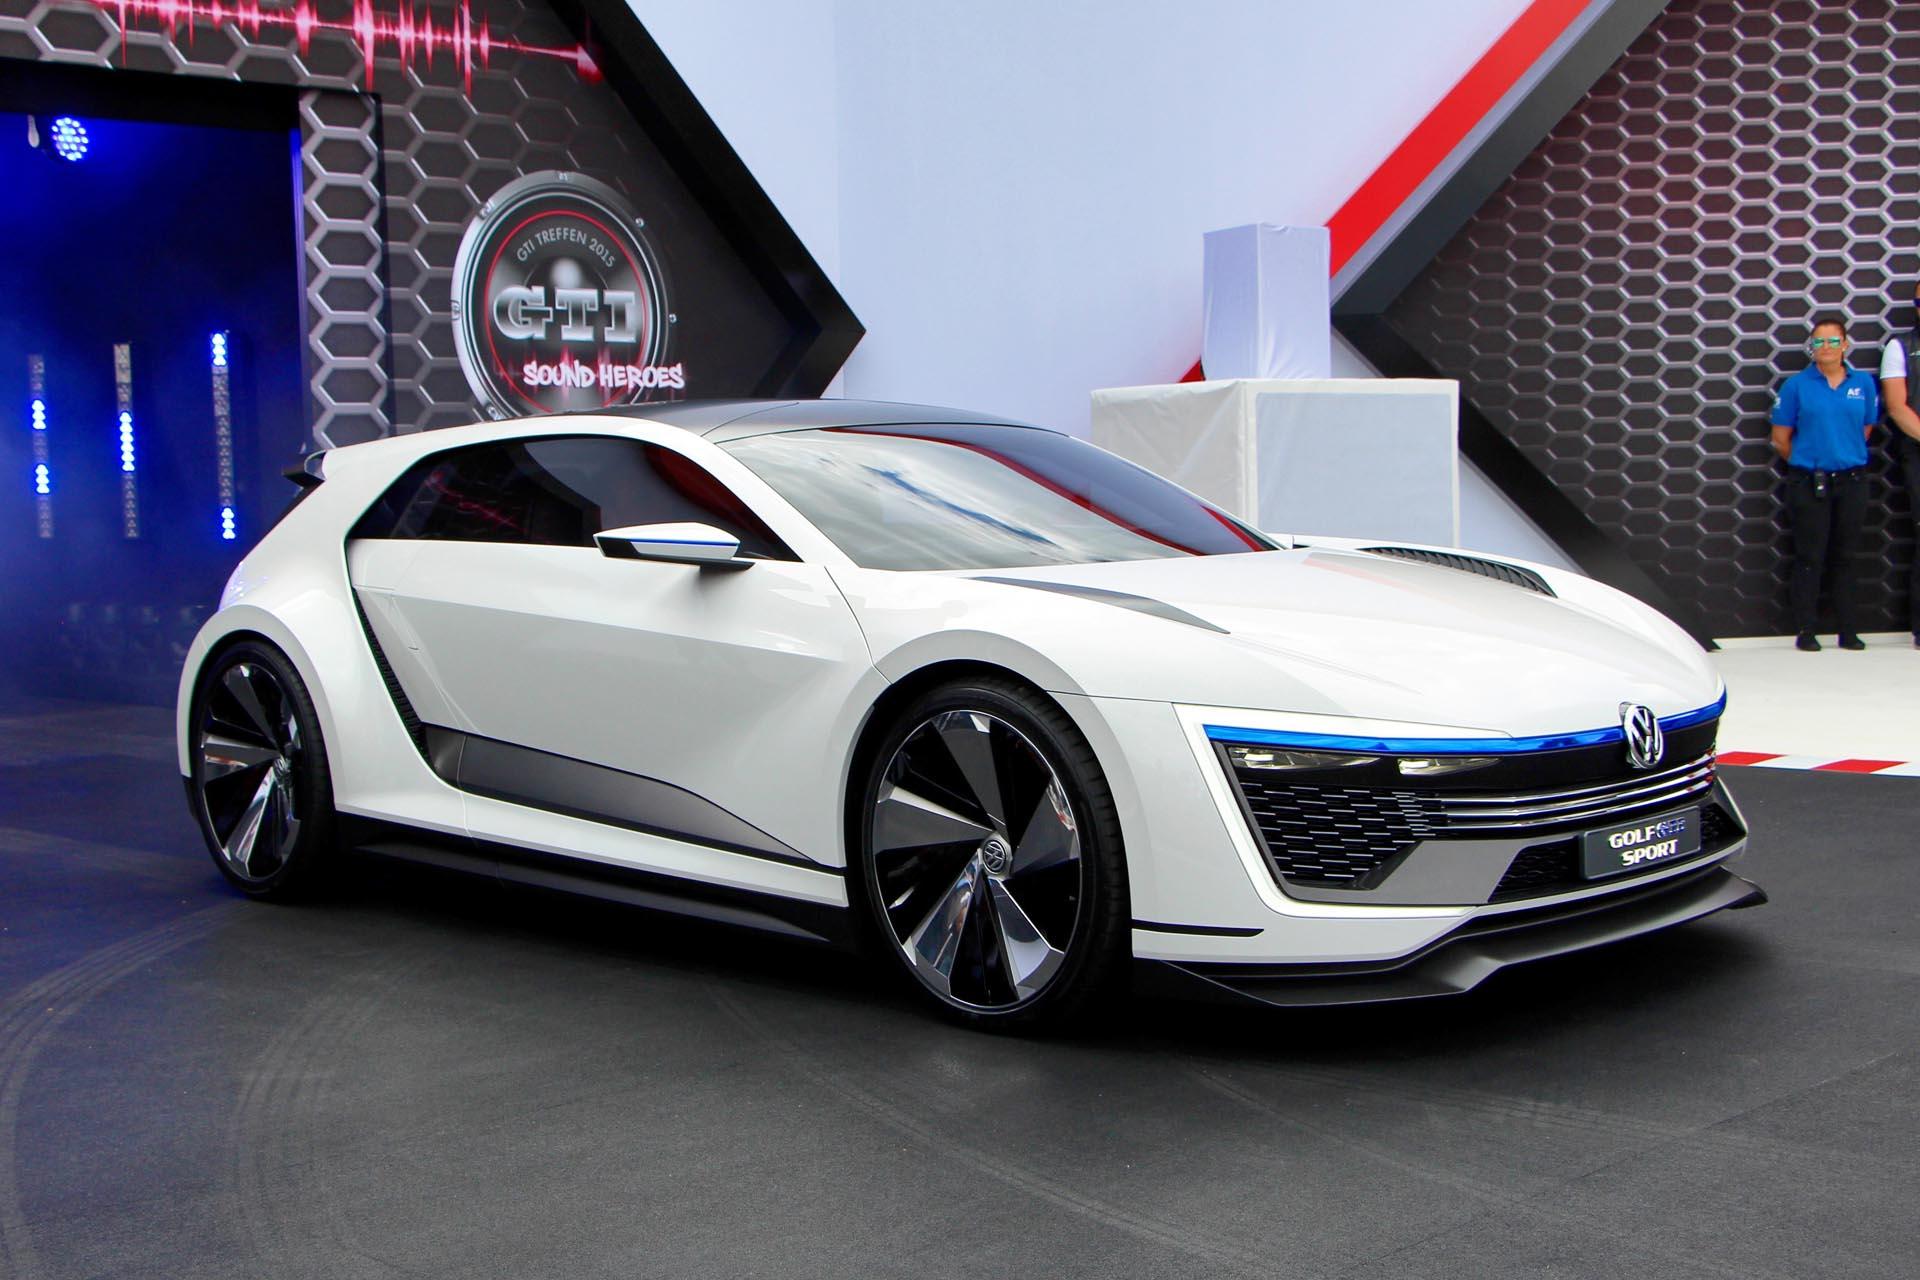 Volkswagen Golf GTE Sport Concept - Autos.ca